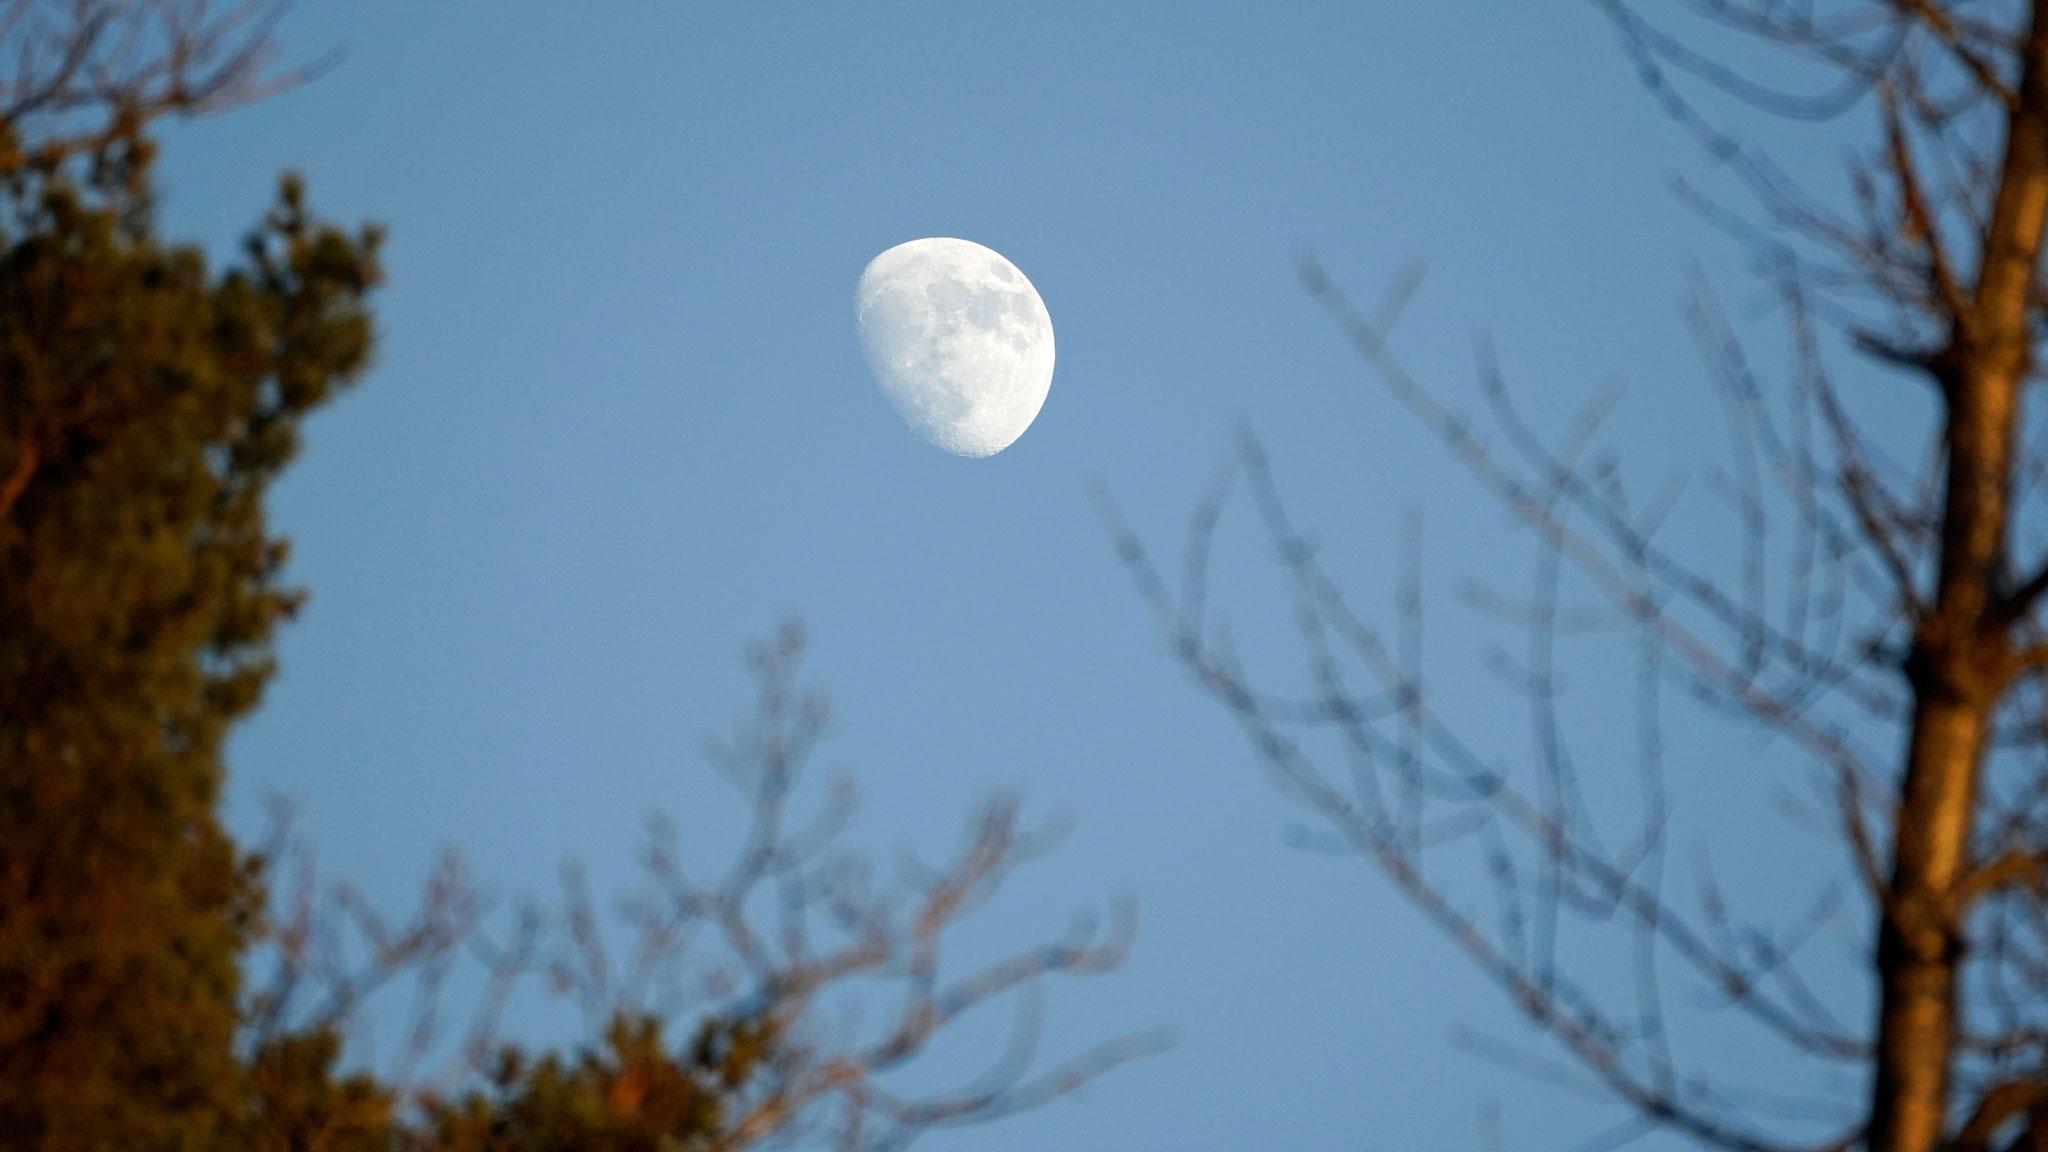 06.01.2020::Mond am späten Nachmittag vom Weiher aus